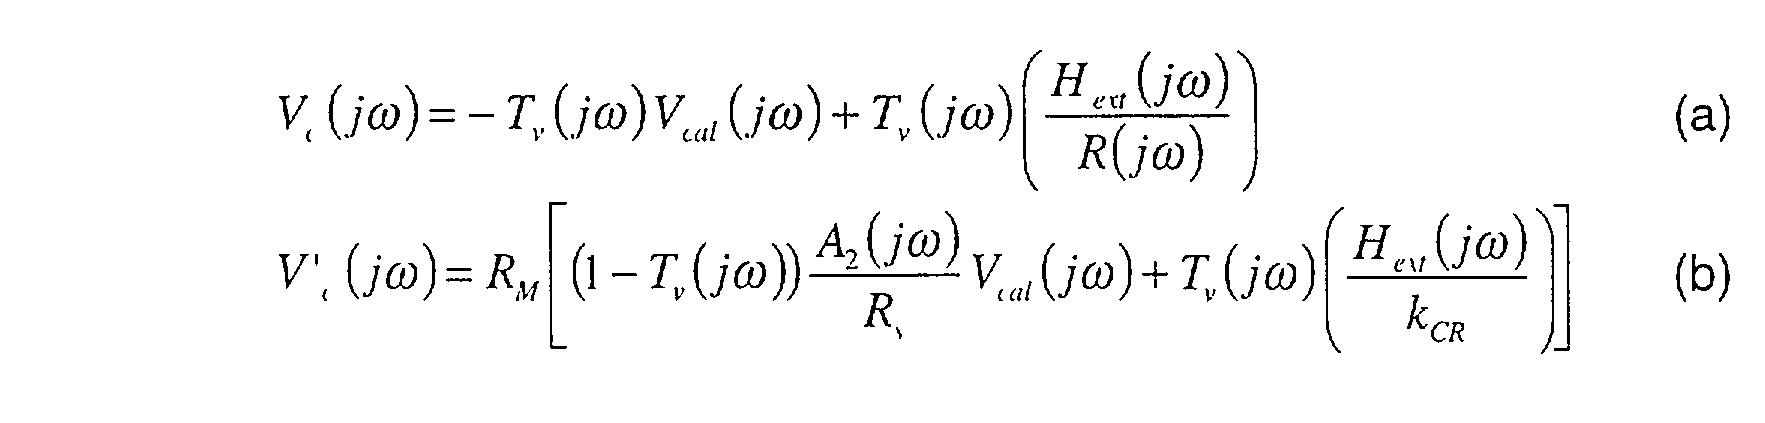 Figure img00110001